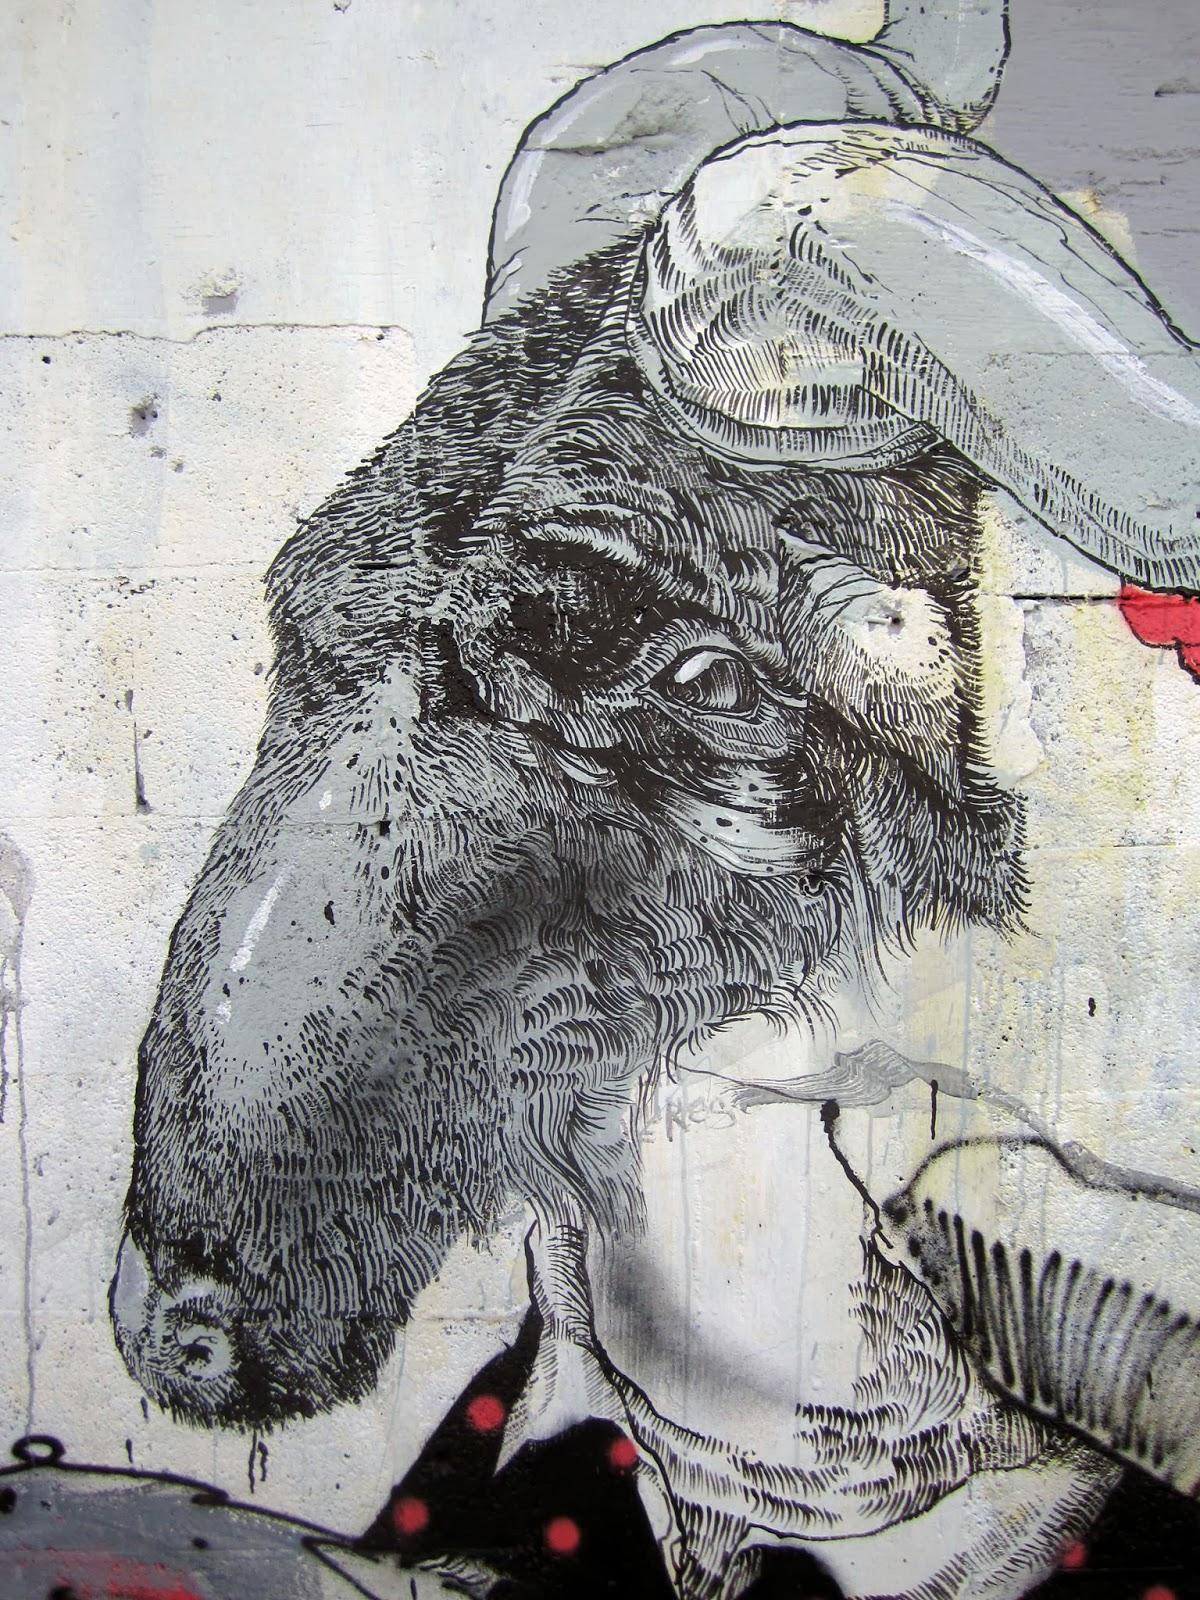 joram-roukes-new-mural-for-art-basel-2013-04